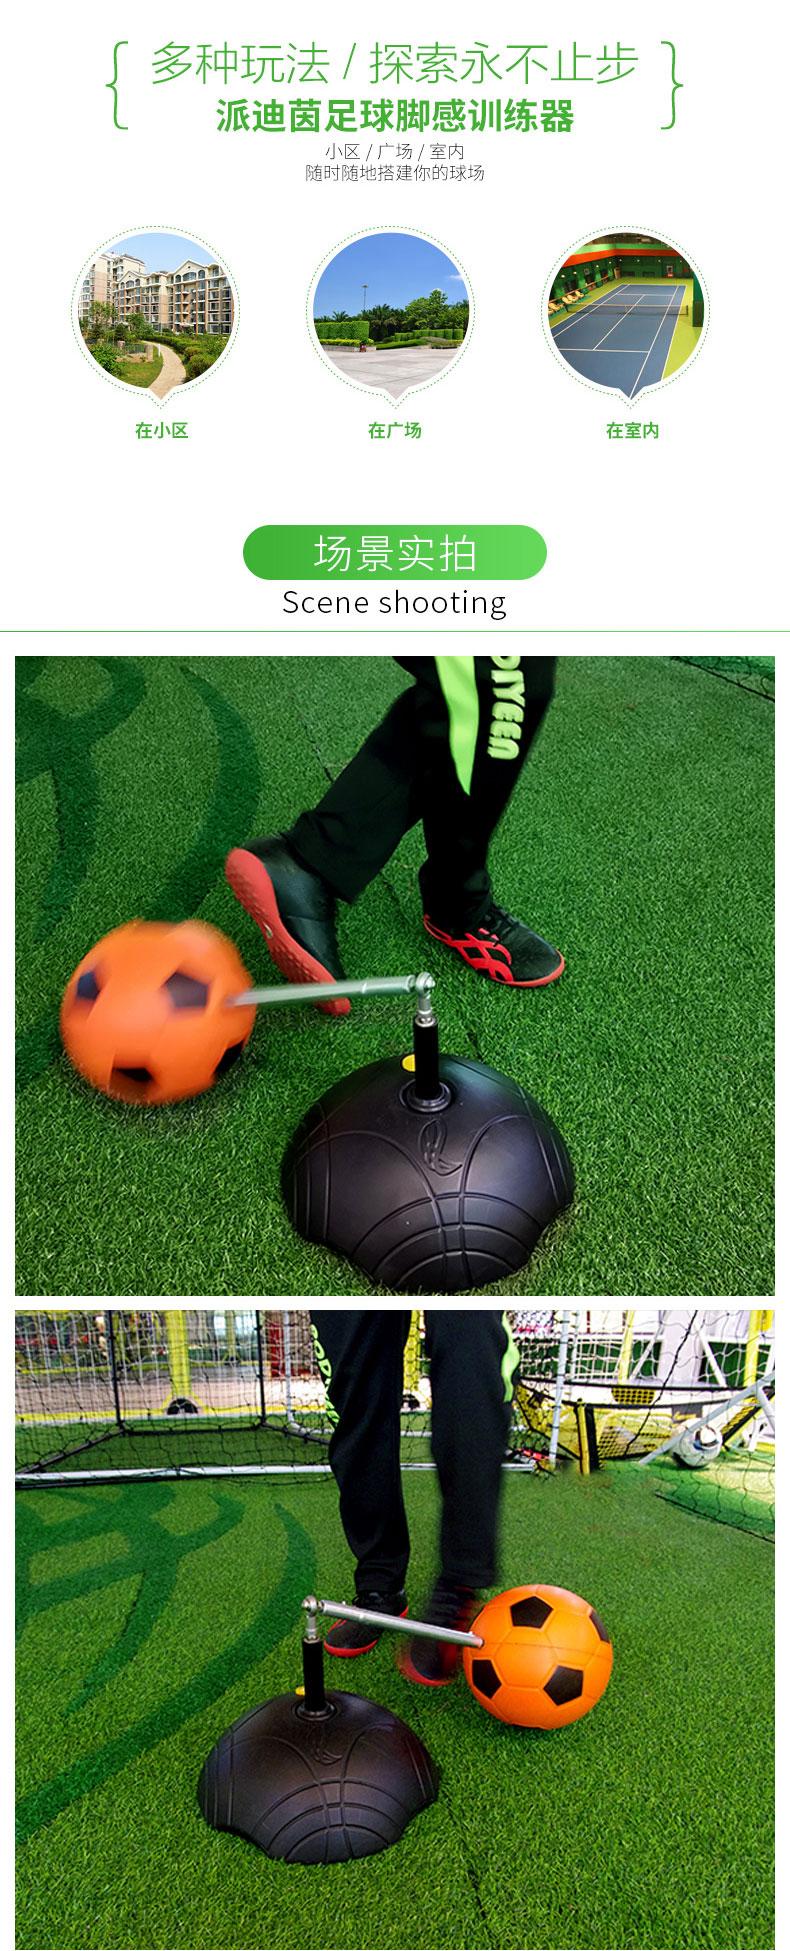 足球脚感训练器颠球训练器青少年足球训练器球场两用球感训练神器-tmall_04.jpg